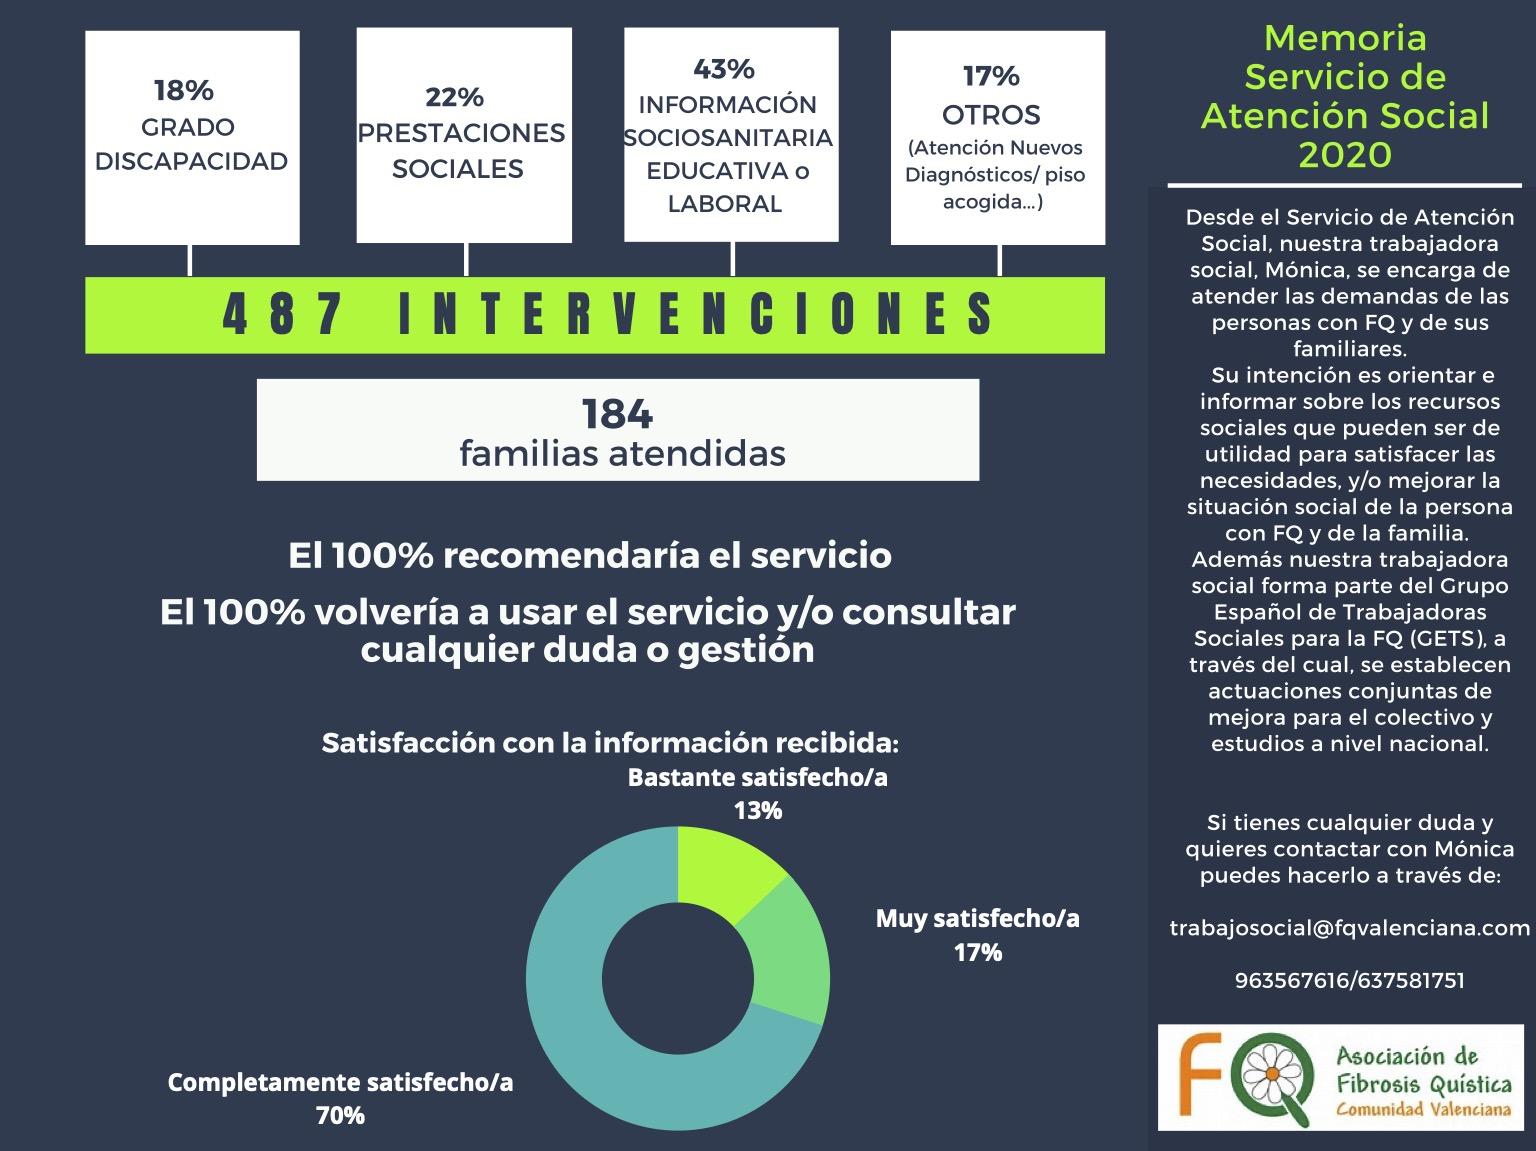 Infografía que muestra la memoria de los servicios de atención social en la asociación en el año 2020